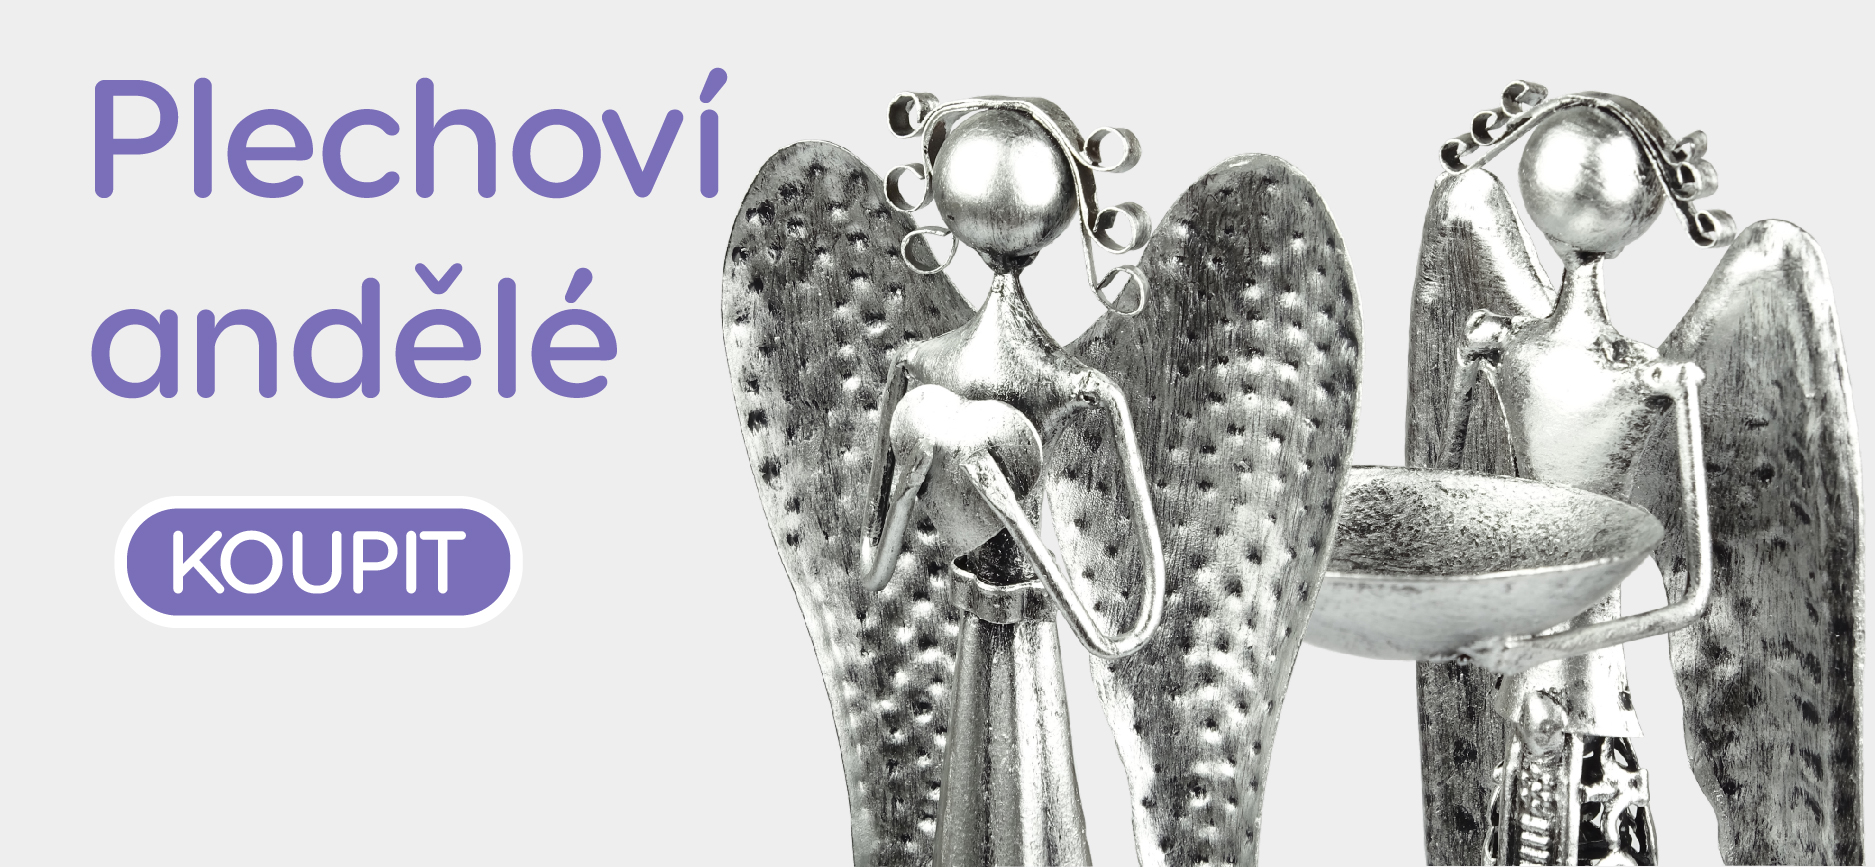 Plechoví andělé